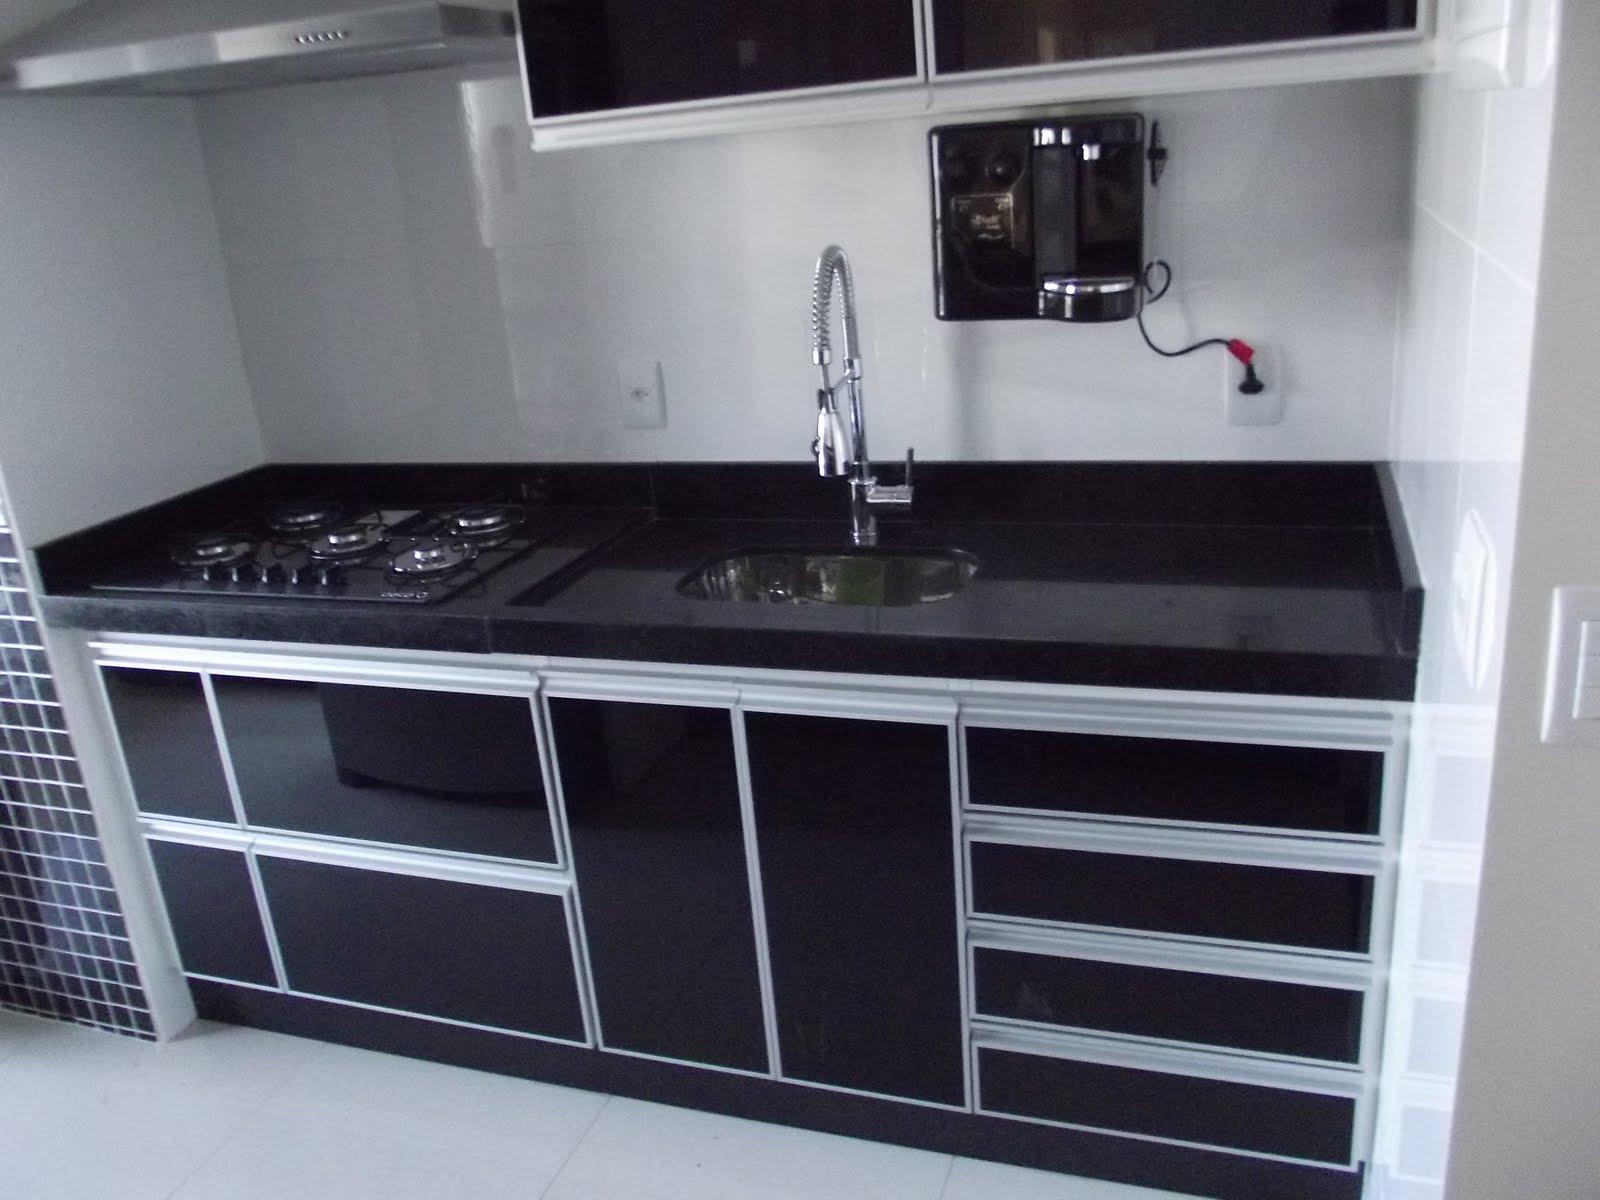 Bancada de fogão CookTop em Granito Preto São Gabriel #201E28 1600 1200